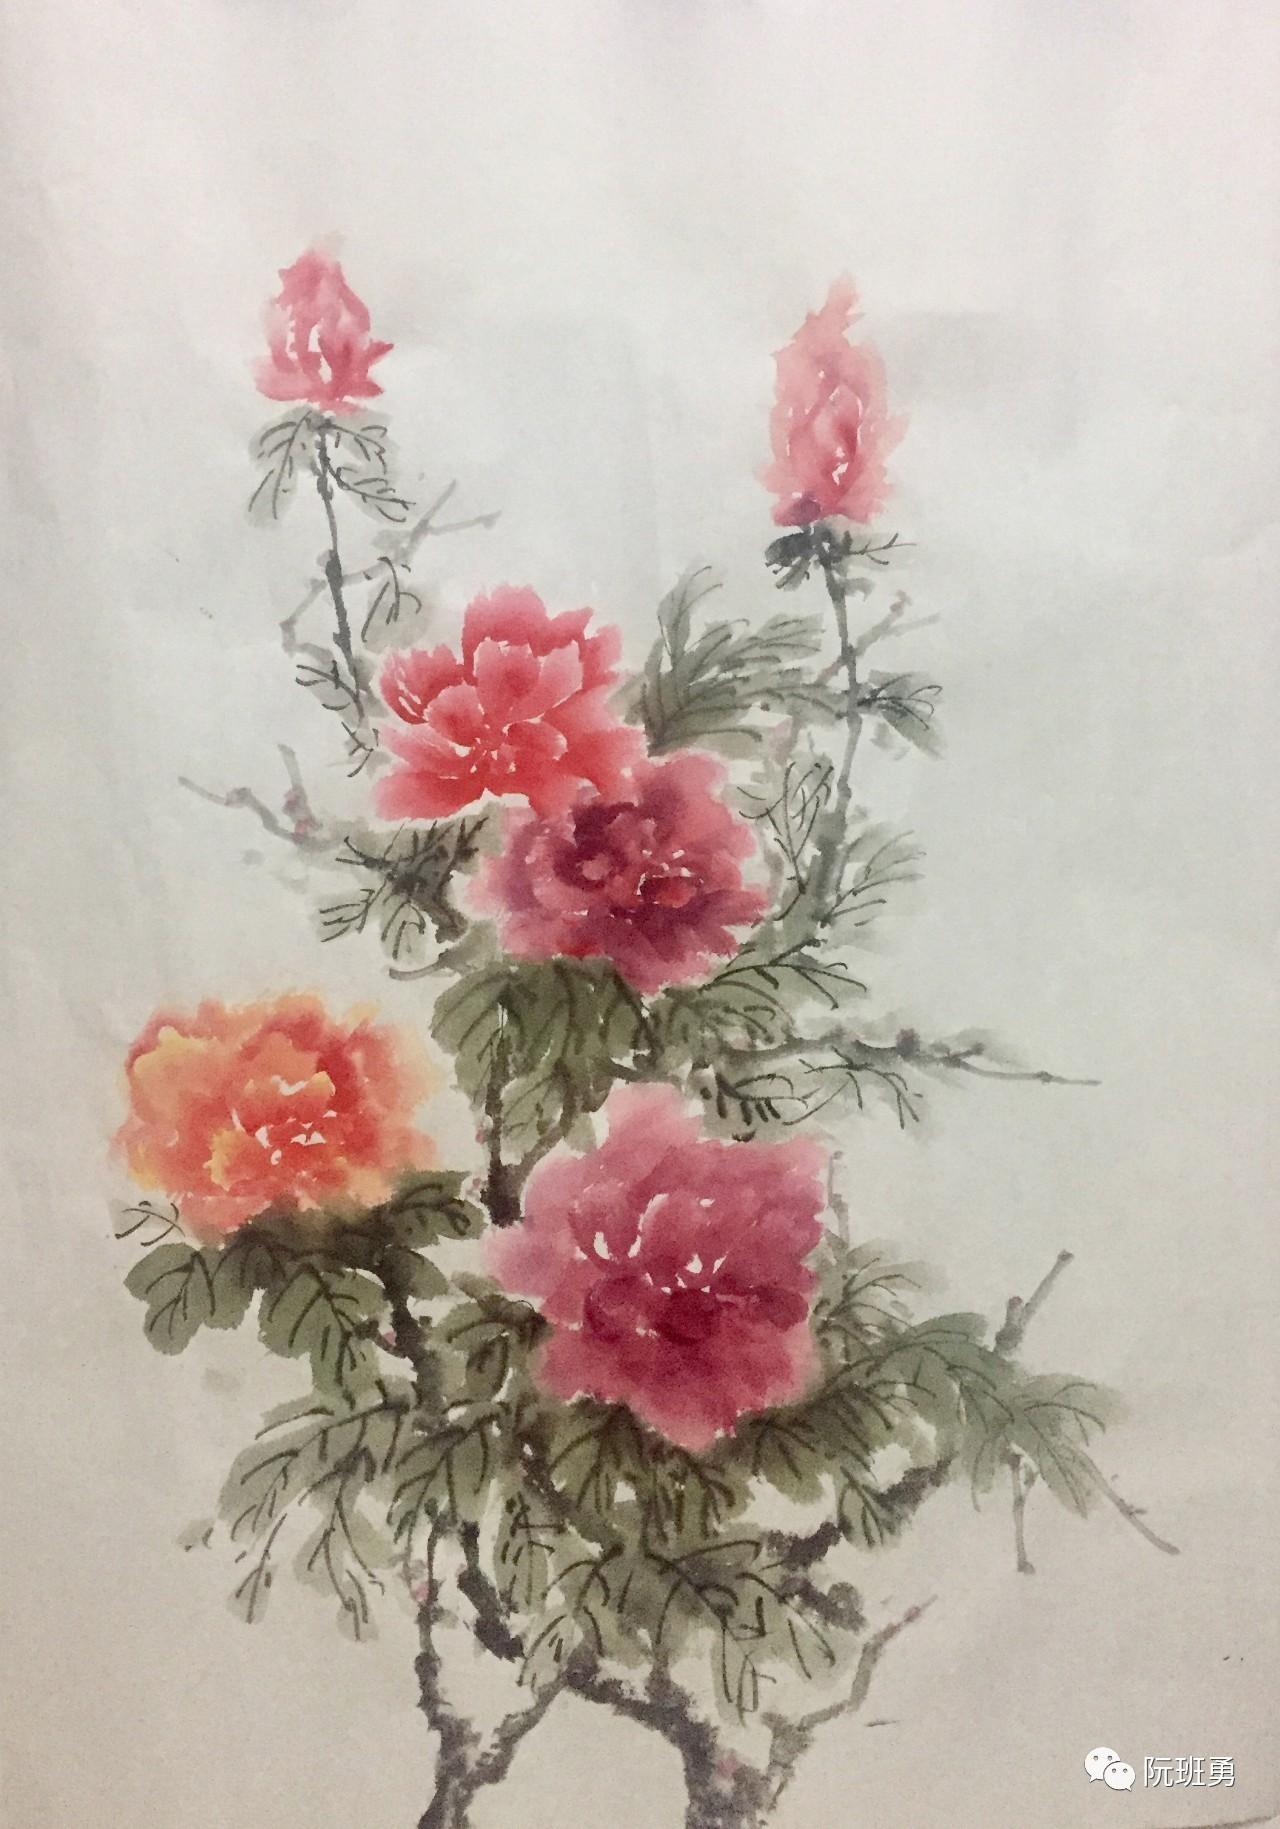 直播阮中华 阮班勇 的中国画之写意牡丹技法